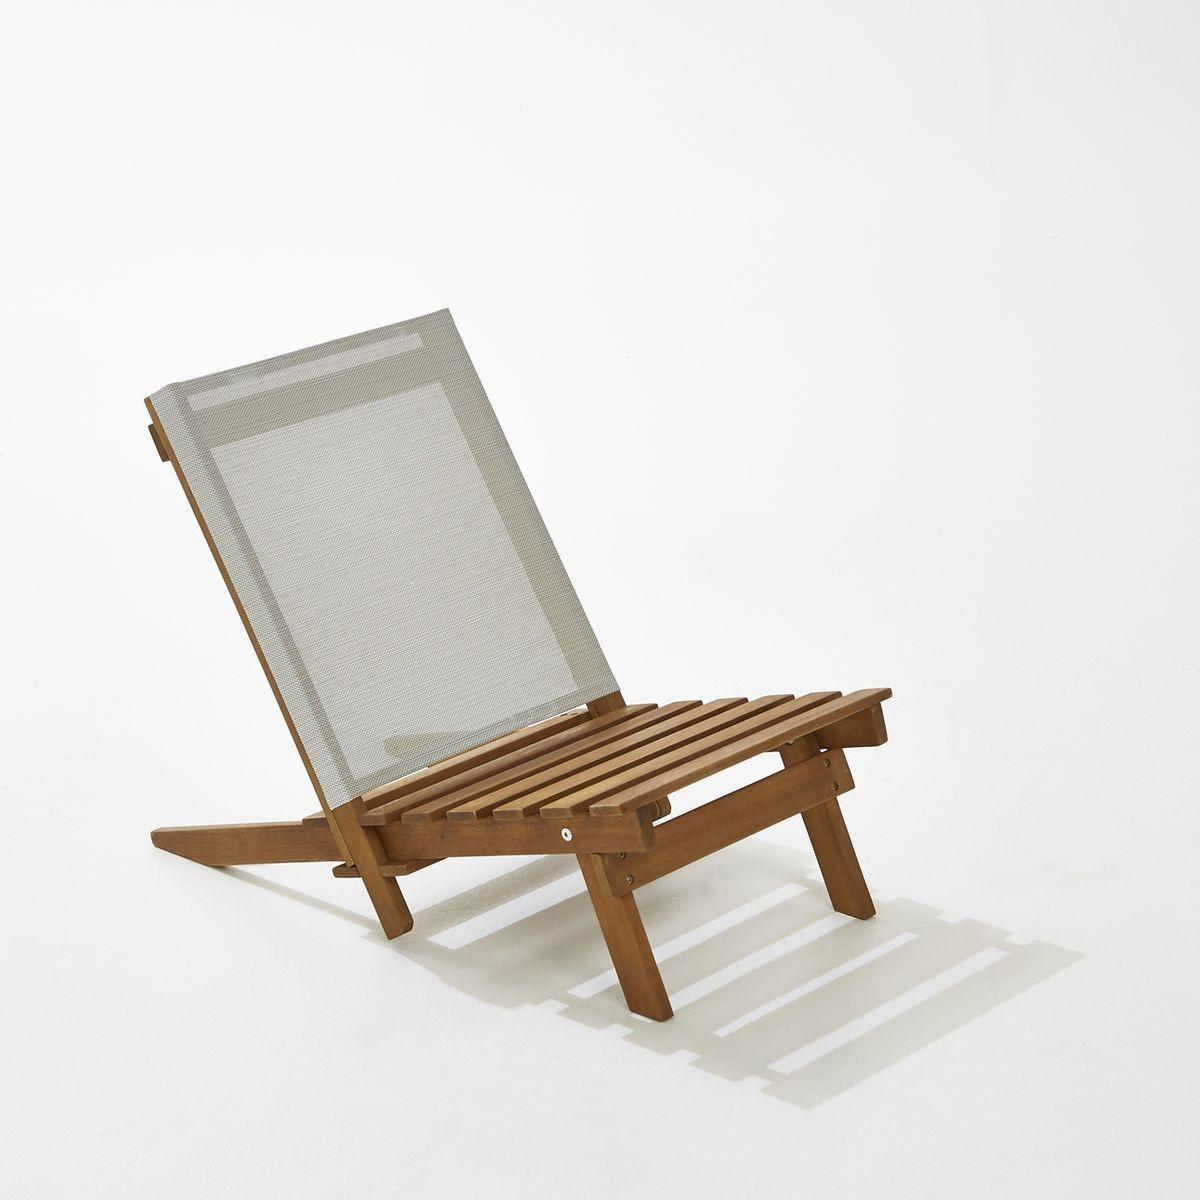 Emportez Votre Chaise Basse Partout En Balade ! Parfaite ... intérieur Chaise Basse Jardin